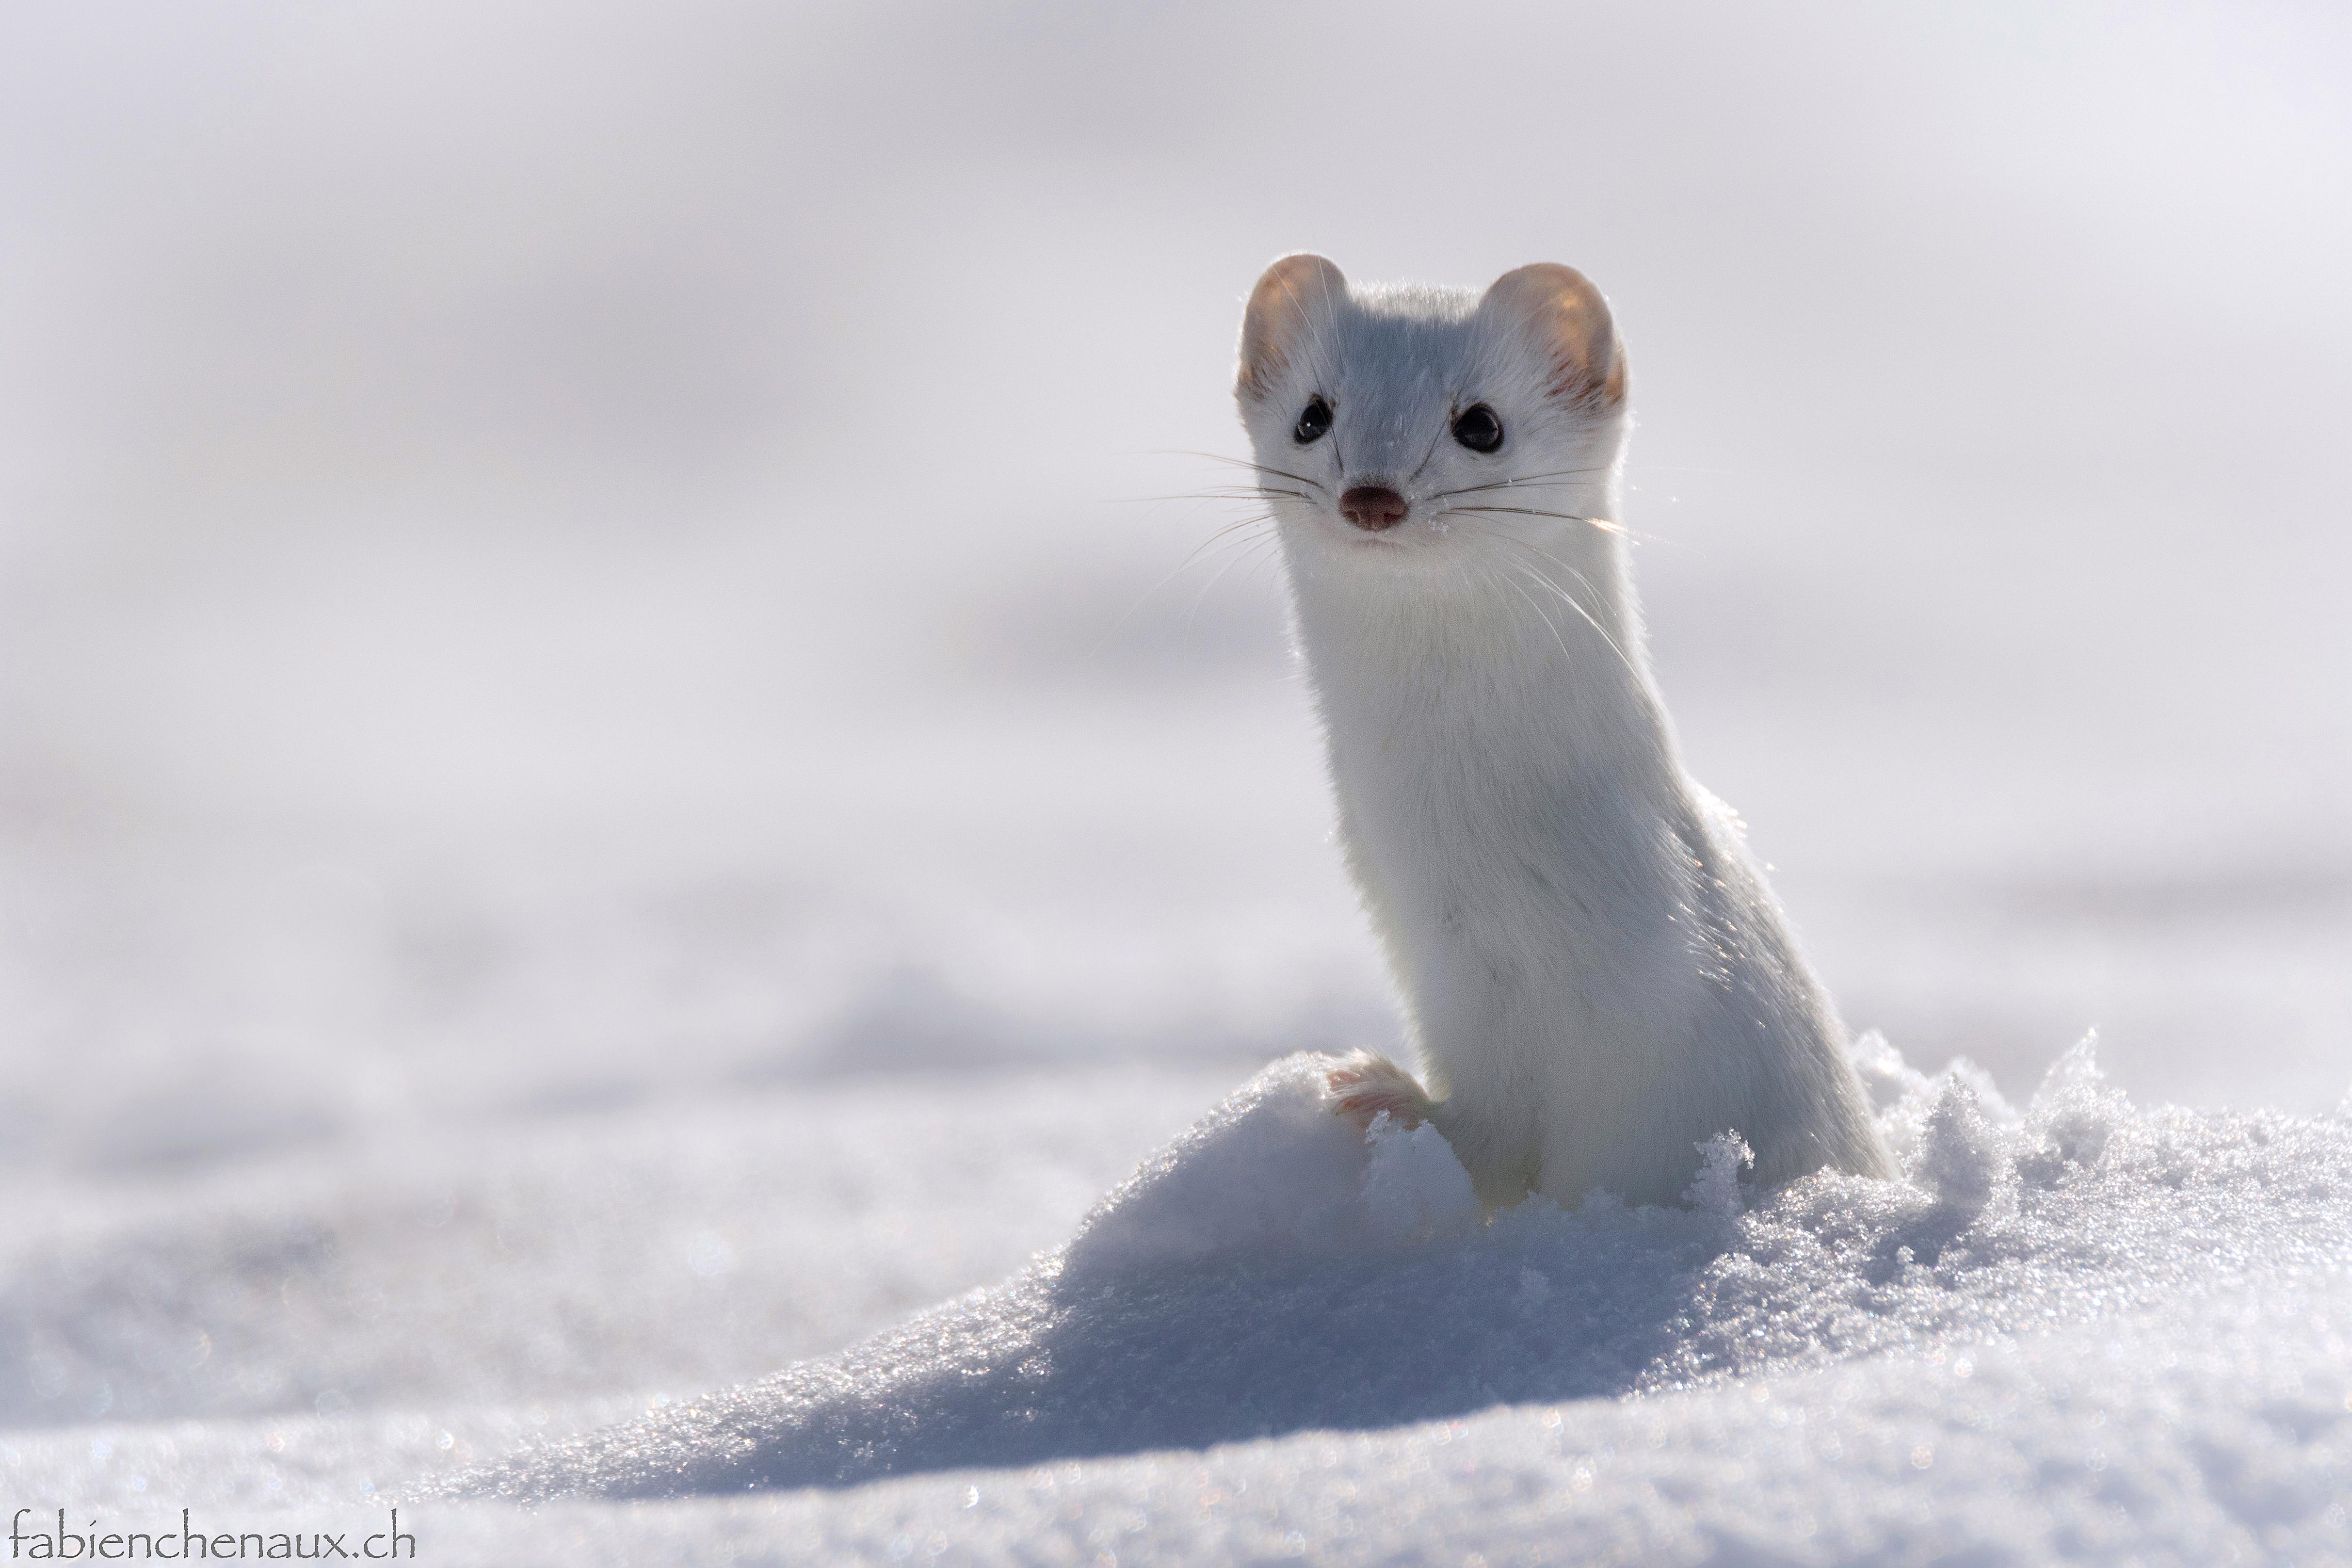 La première Perce-neige...